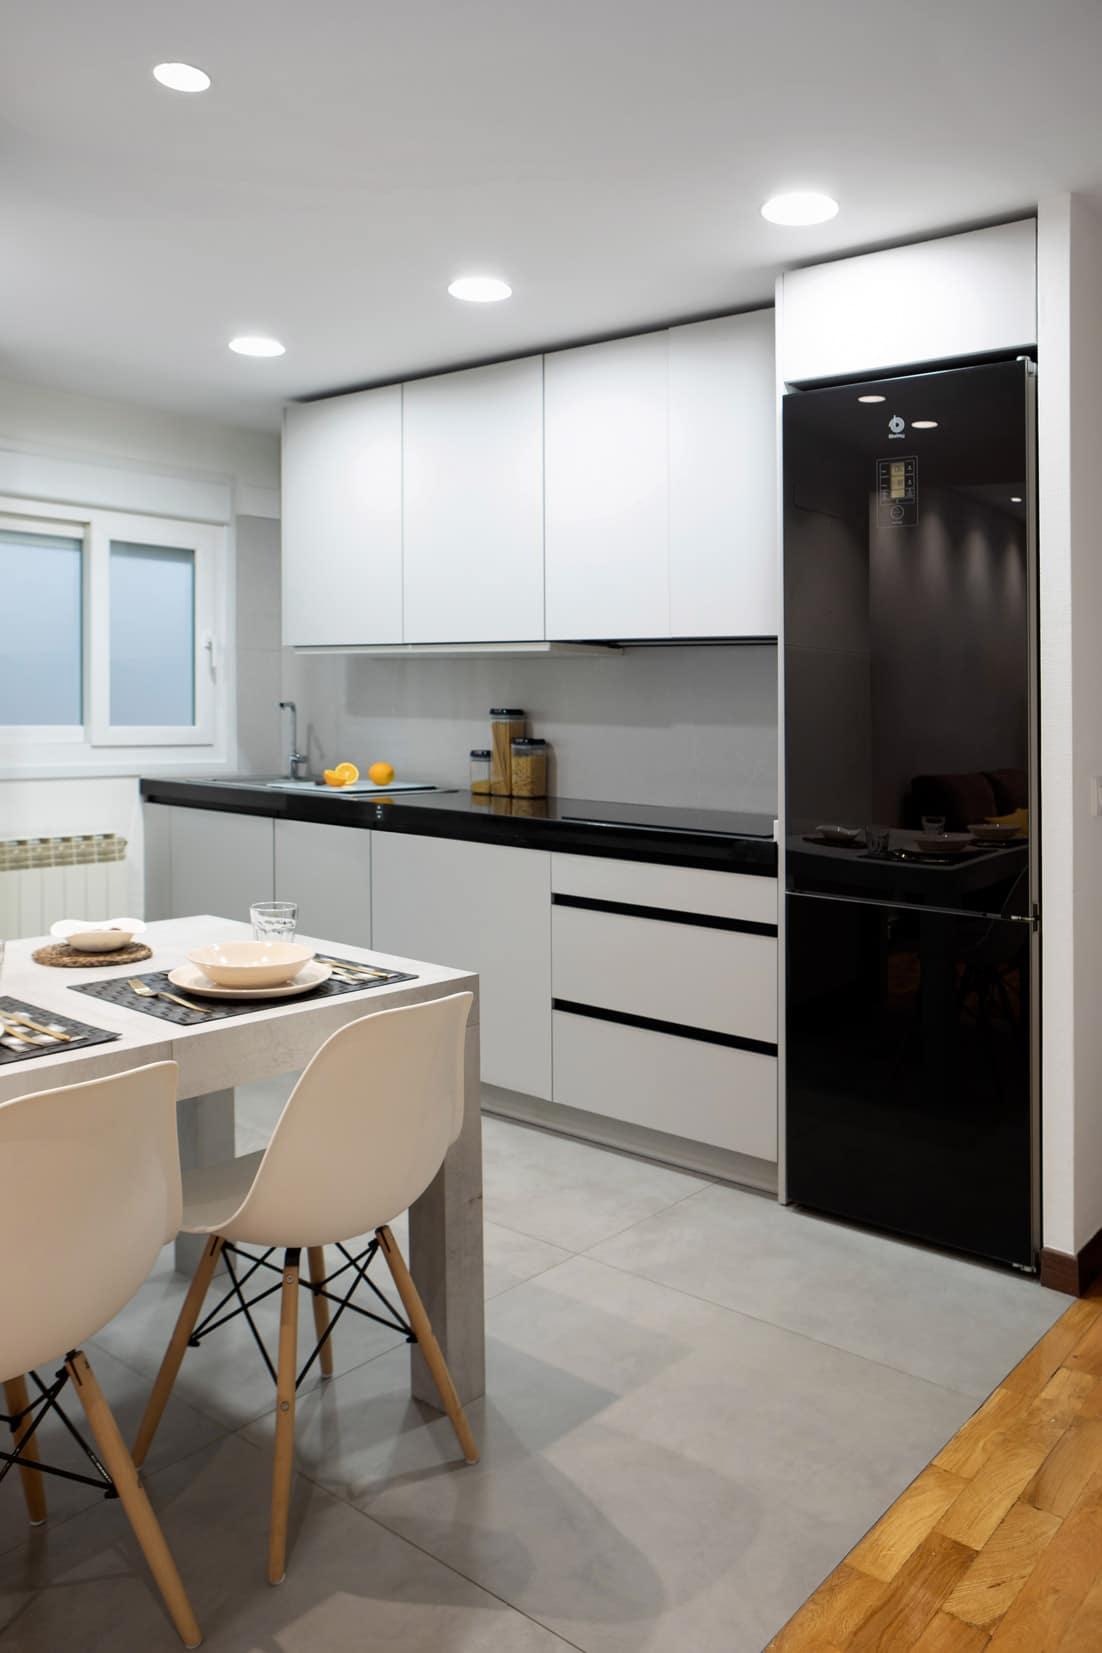 cocina-4-diseno-de-interiores-reforma-vivienda-estudio-marlo